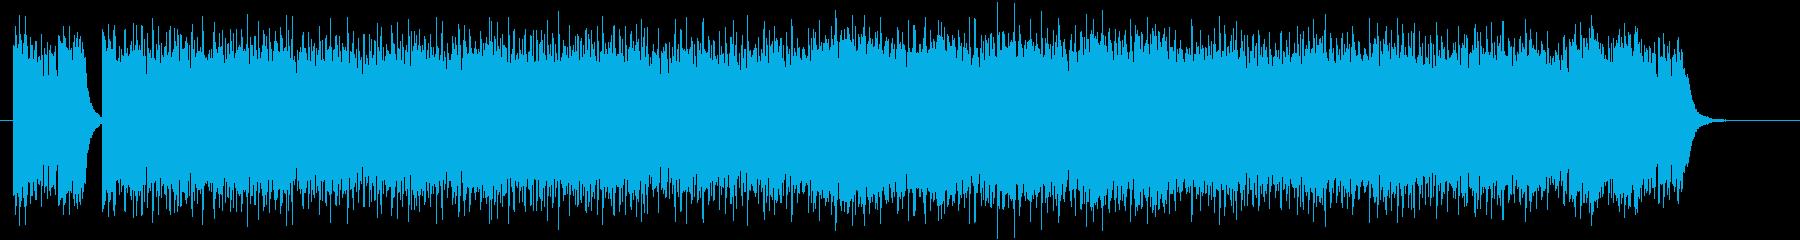 リズミカルでメリハリのあるミュージックの再生済みの波形